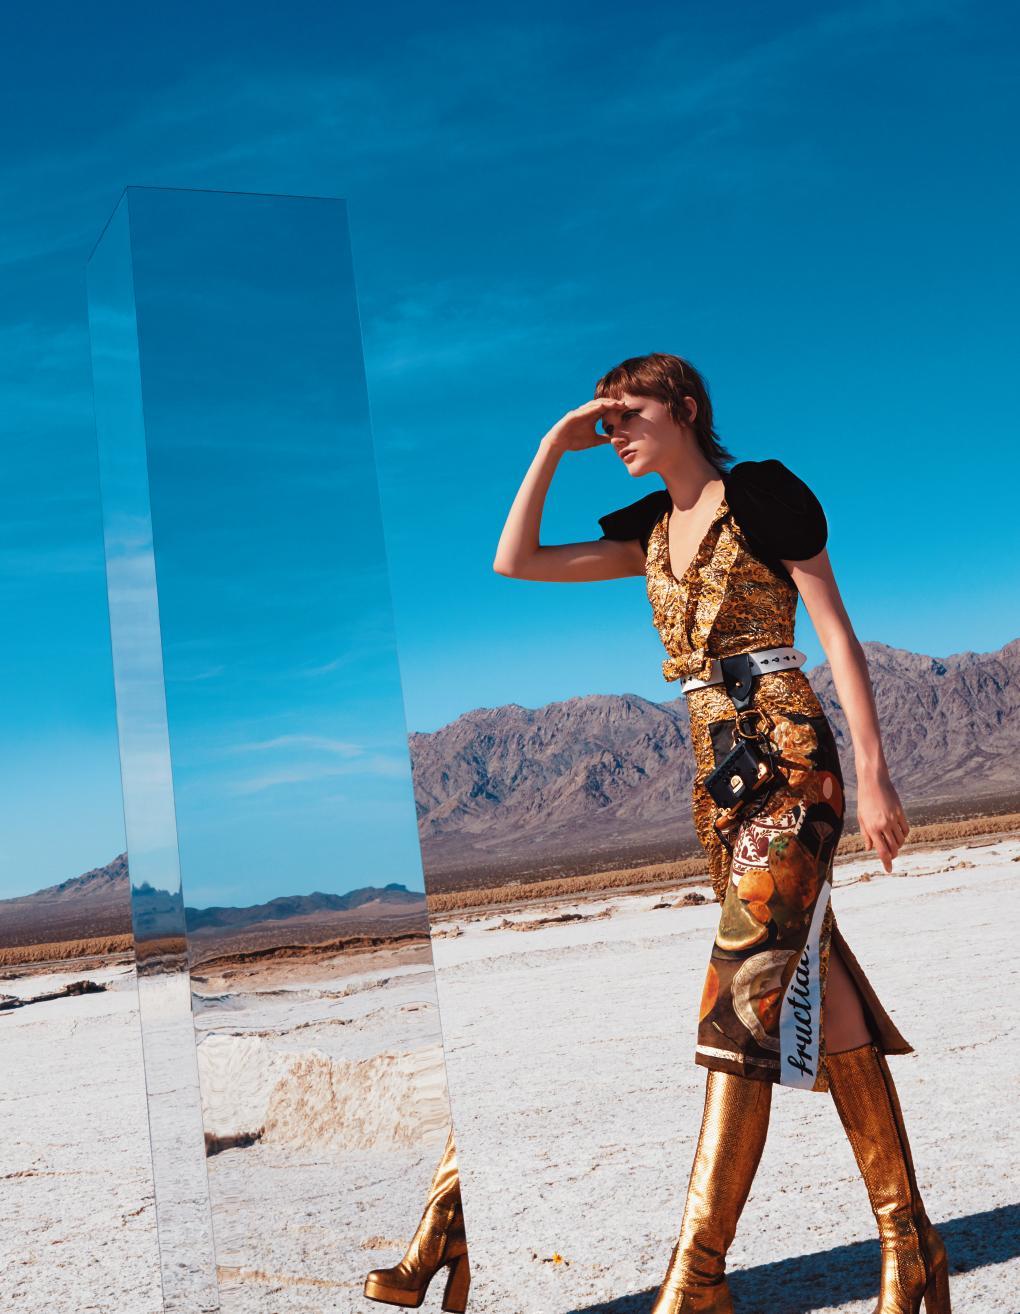 : 드레스, 하니스, 벨트, 키 체인은 모두 Prada, 부츠는 Roberto Cavalli 제품.